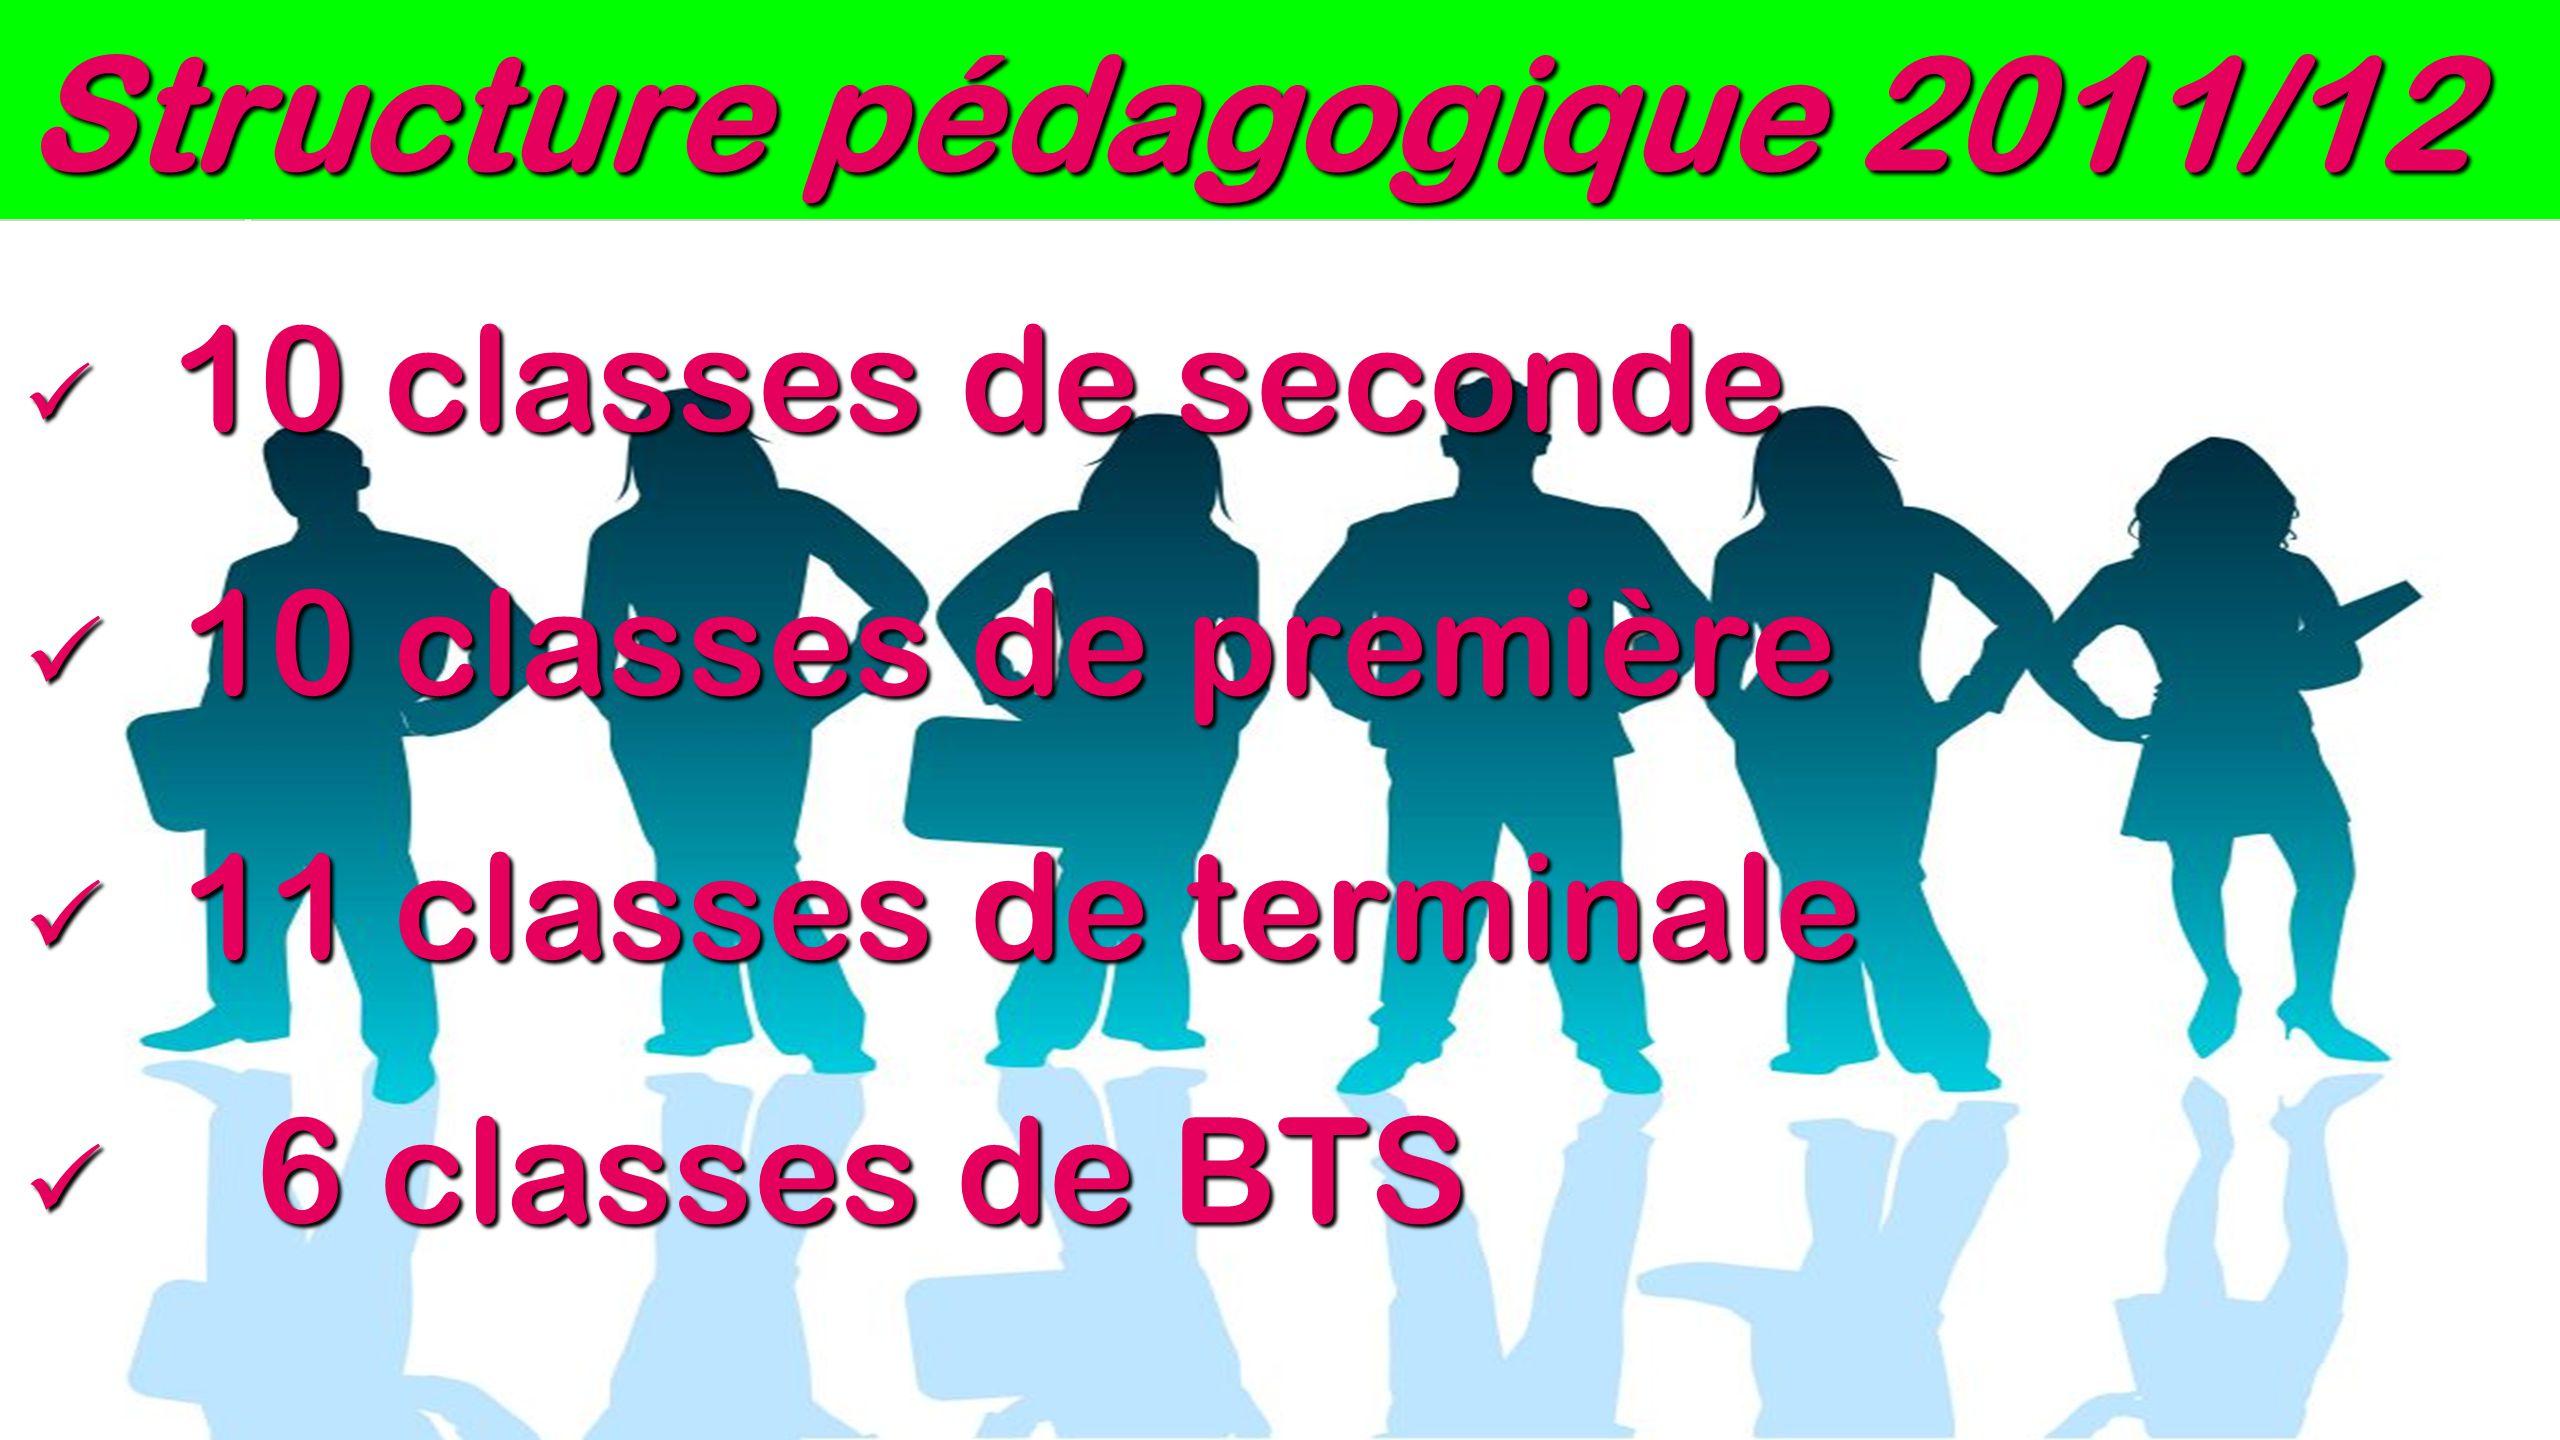 Structure pédagogique 2011/12